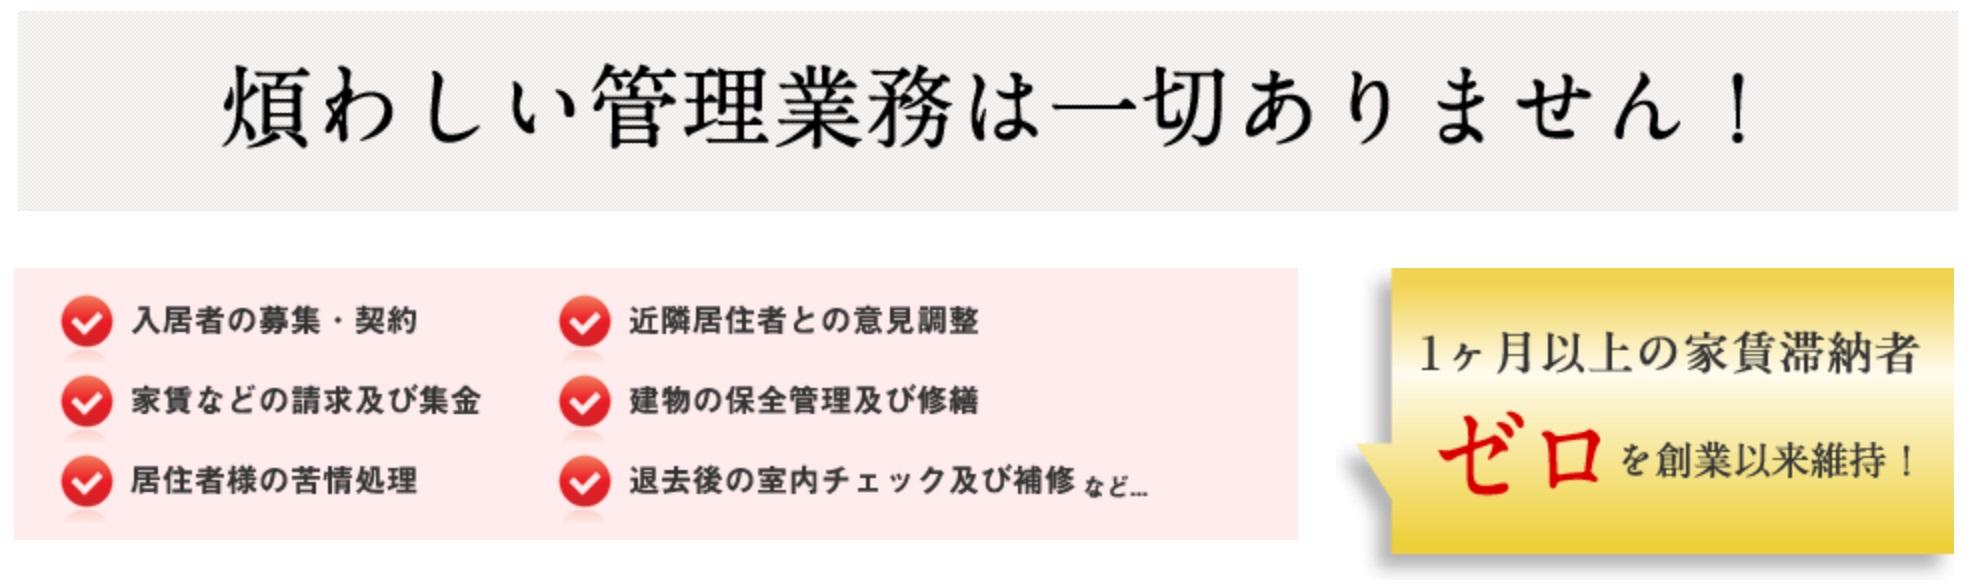 アイケンジャパンの賃貸管理